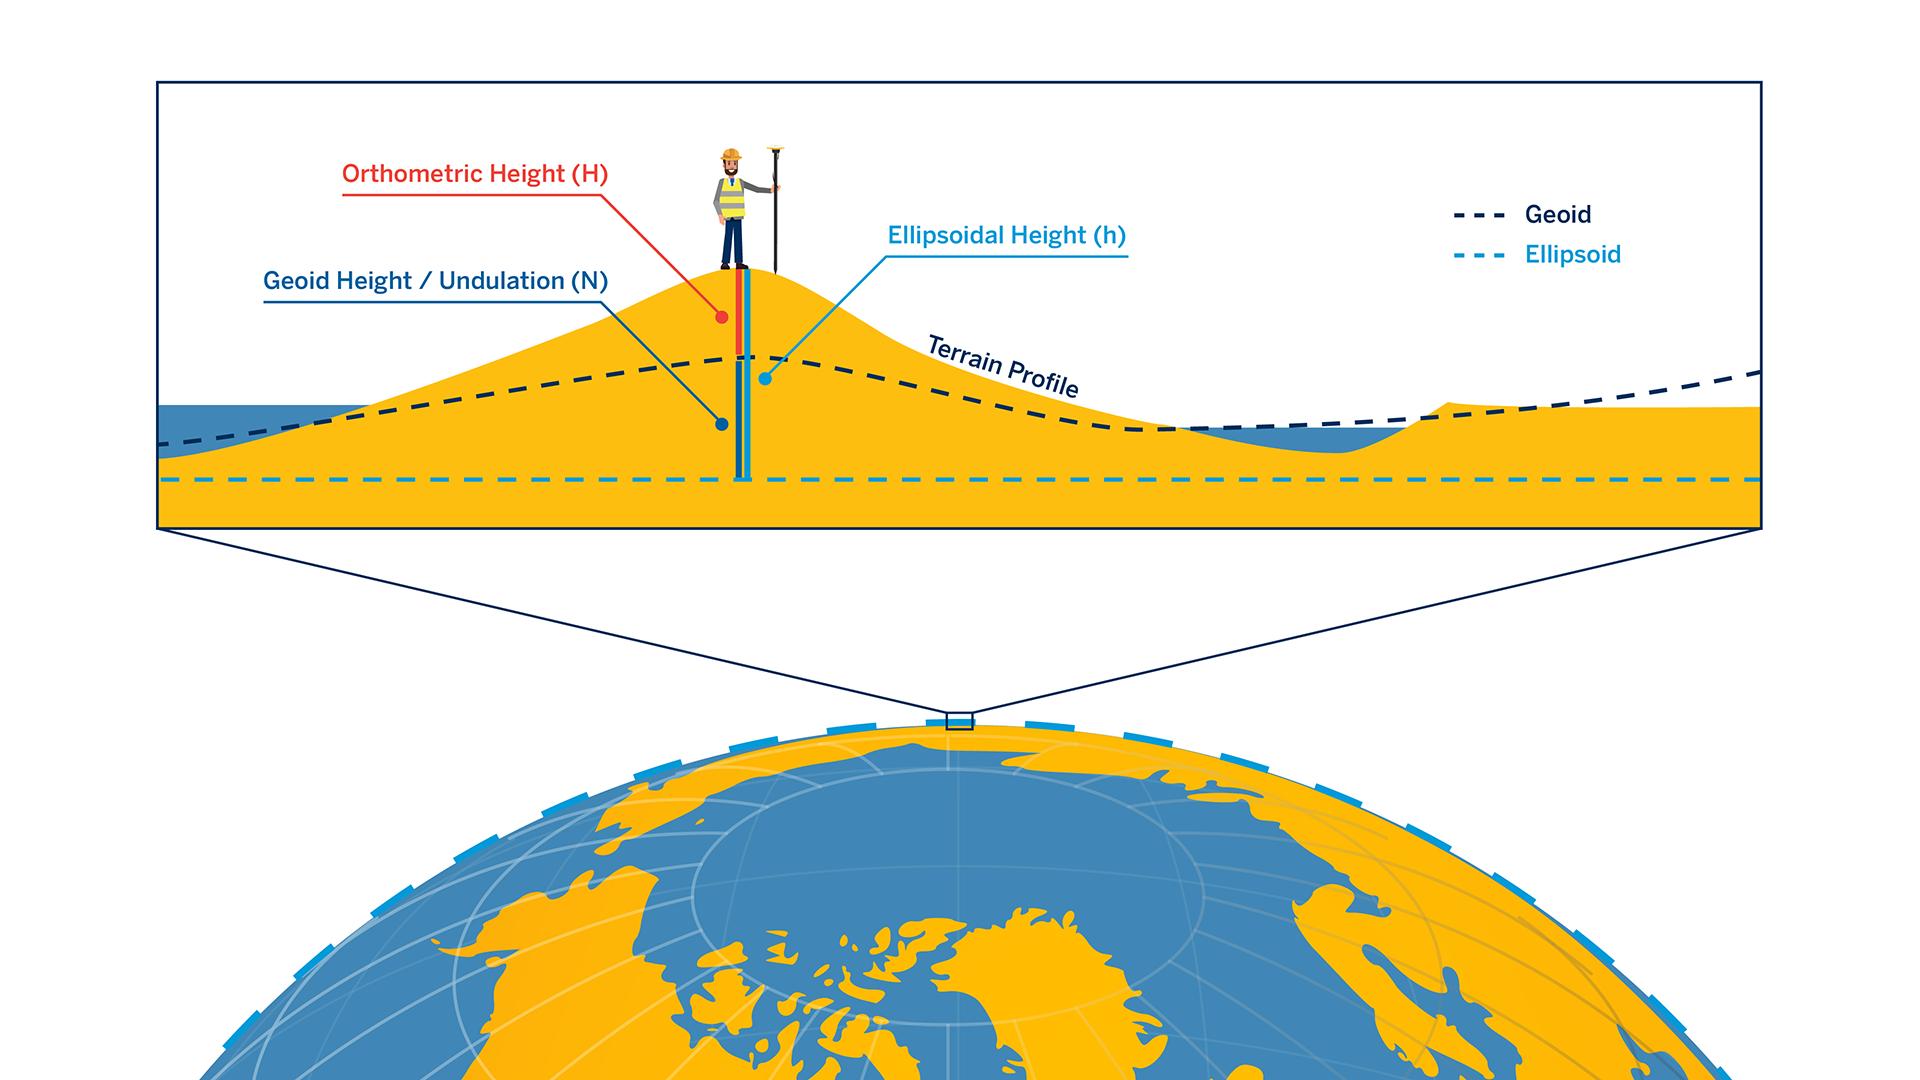 Illustration explaining ellipsoidal and orthometric heights